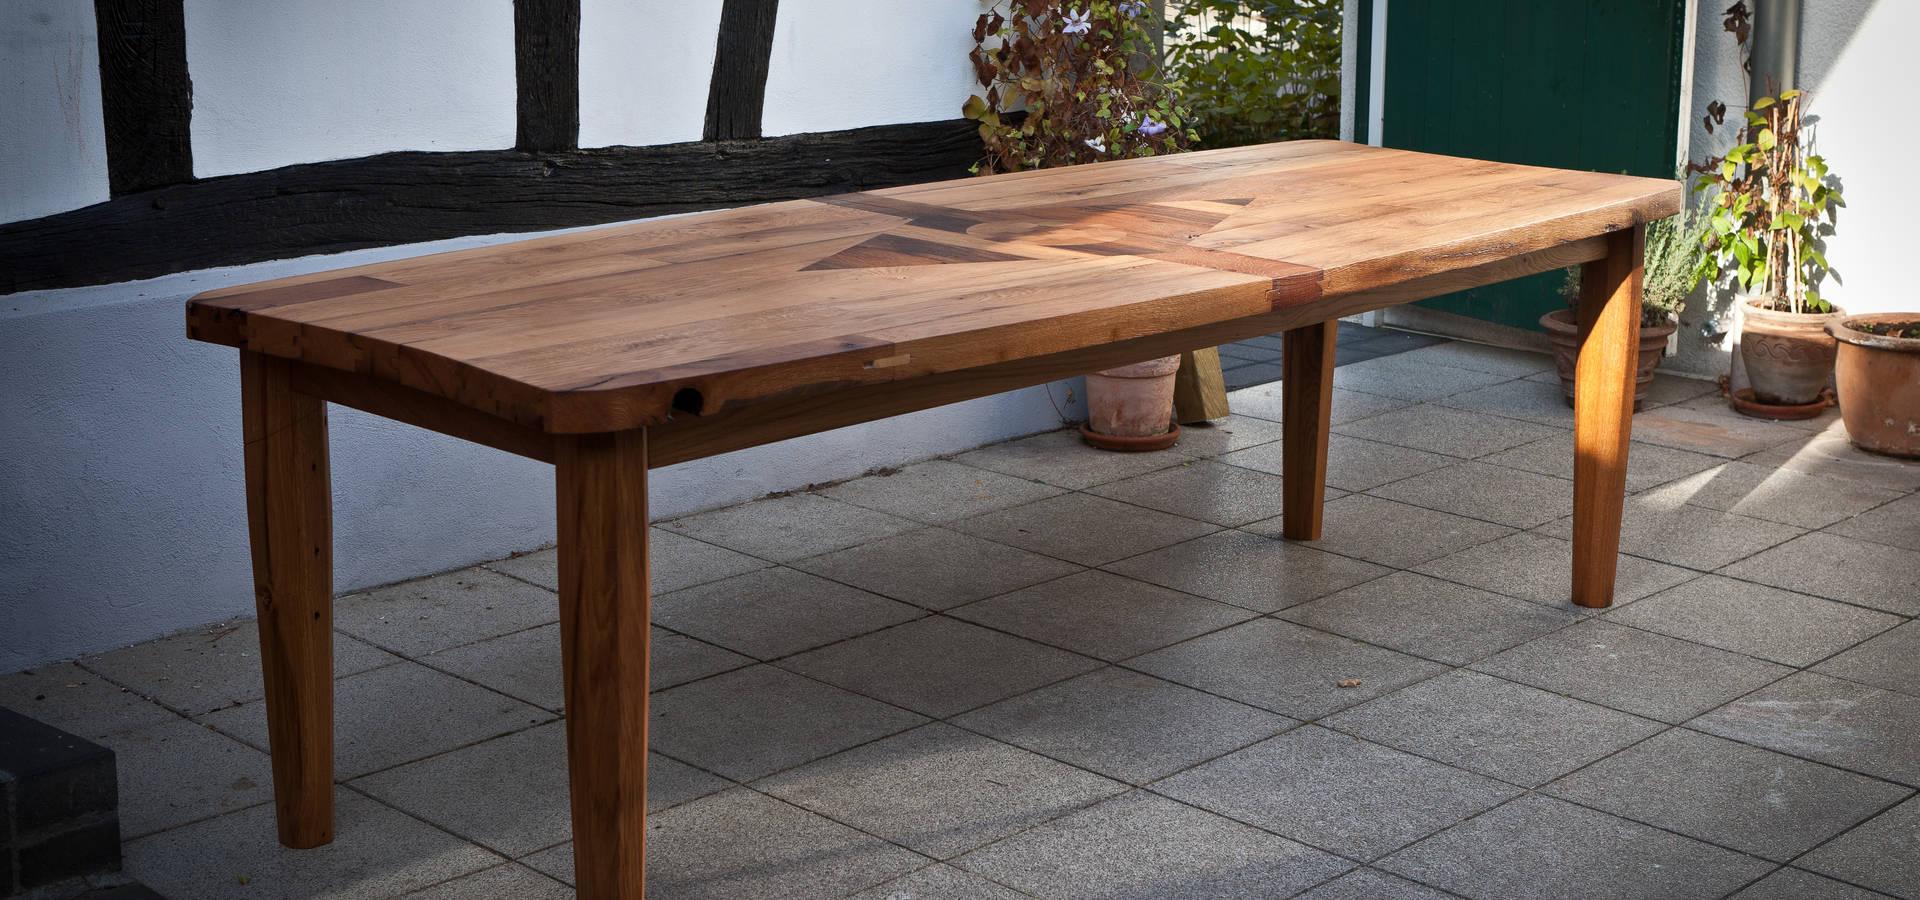 Wunderbar Rustikale Möbel Foto Von Chippie